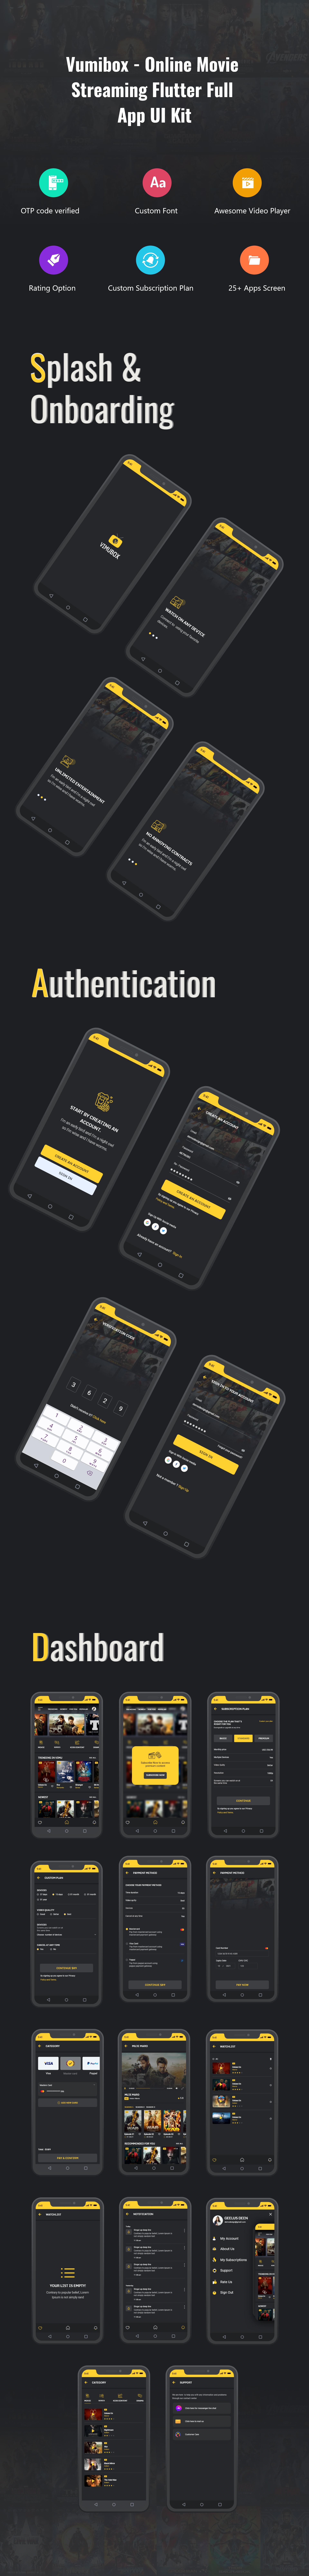 Vumibox - Online Movie Streaming Flutter Full App UI Kit - 2